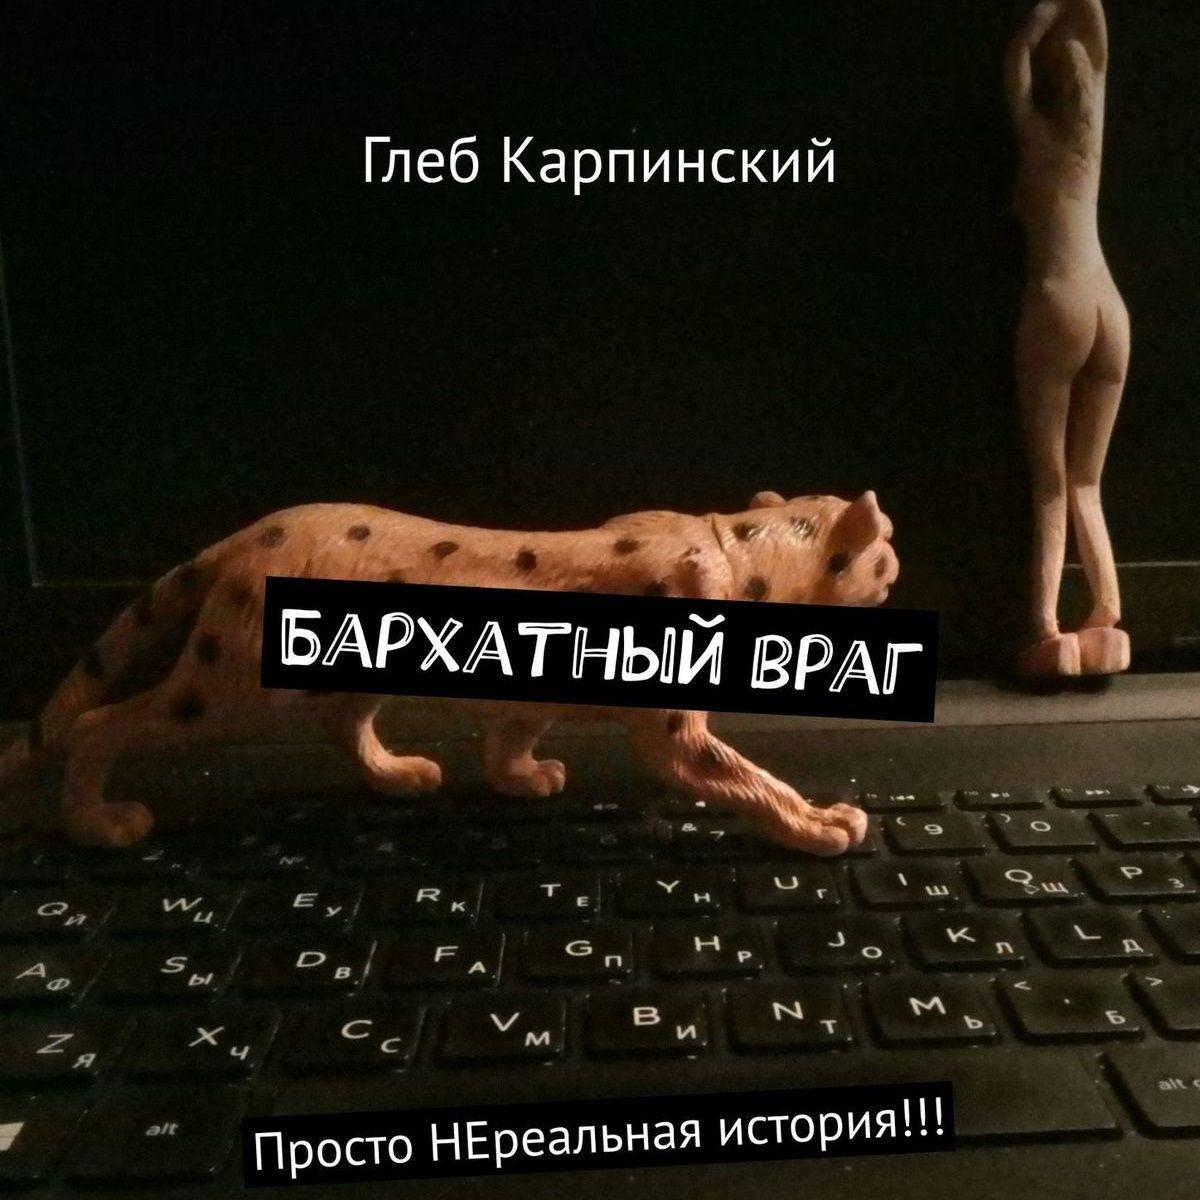 Обложка «Бархатныйвраг. Просто НЕреальная история!!!»